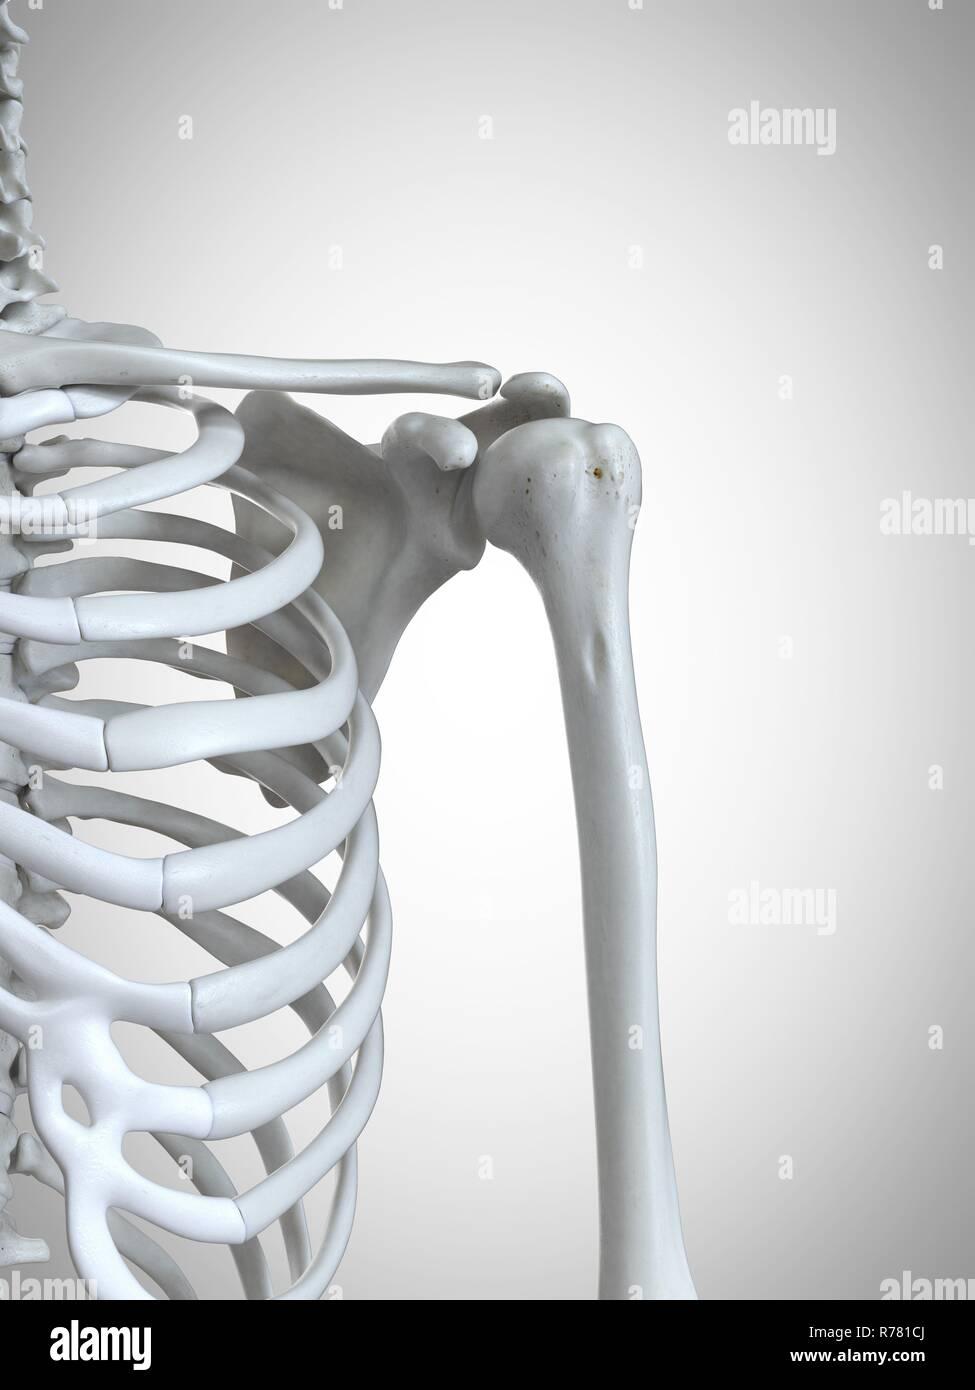 3d Rendered Illustration Of The Shoulder Bones Stock Photo